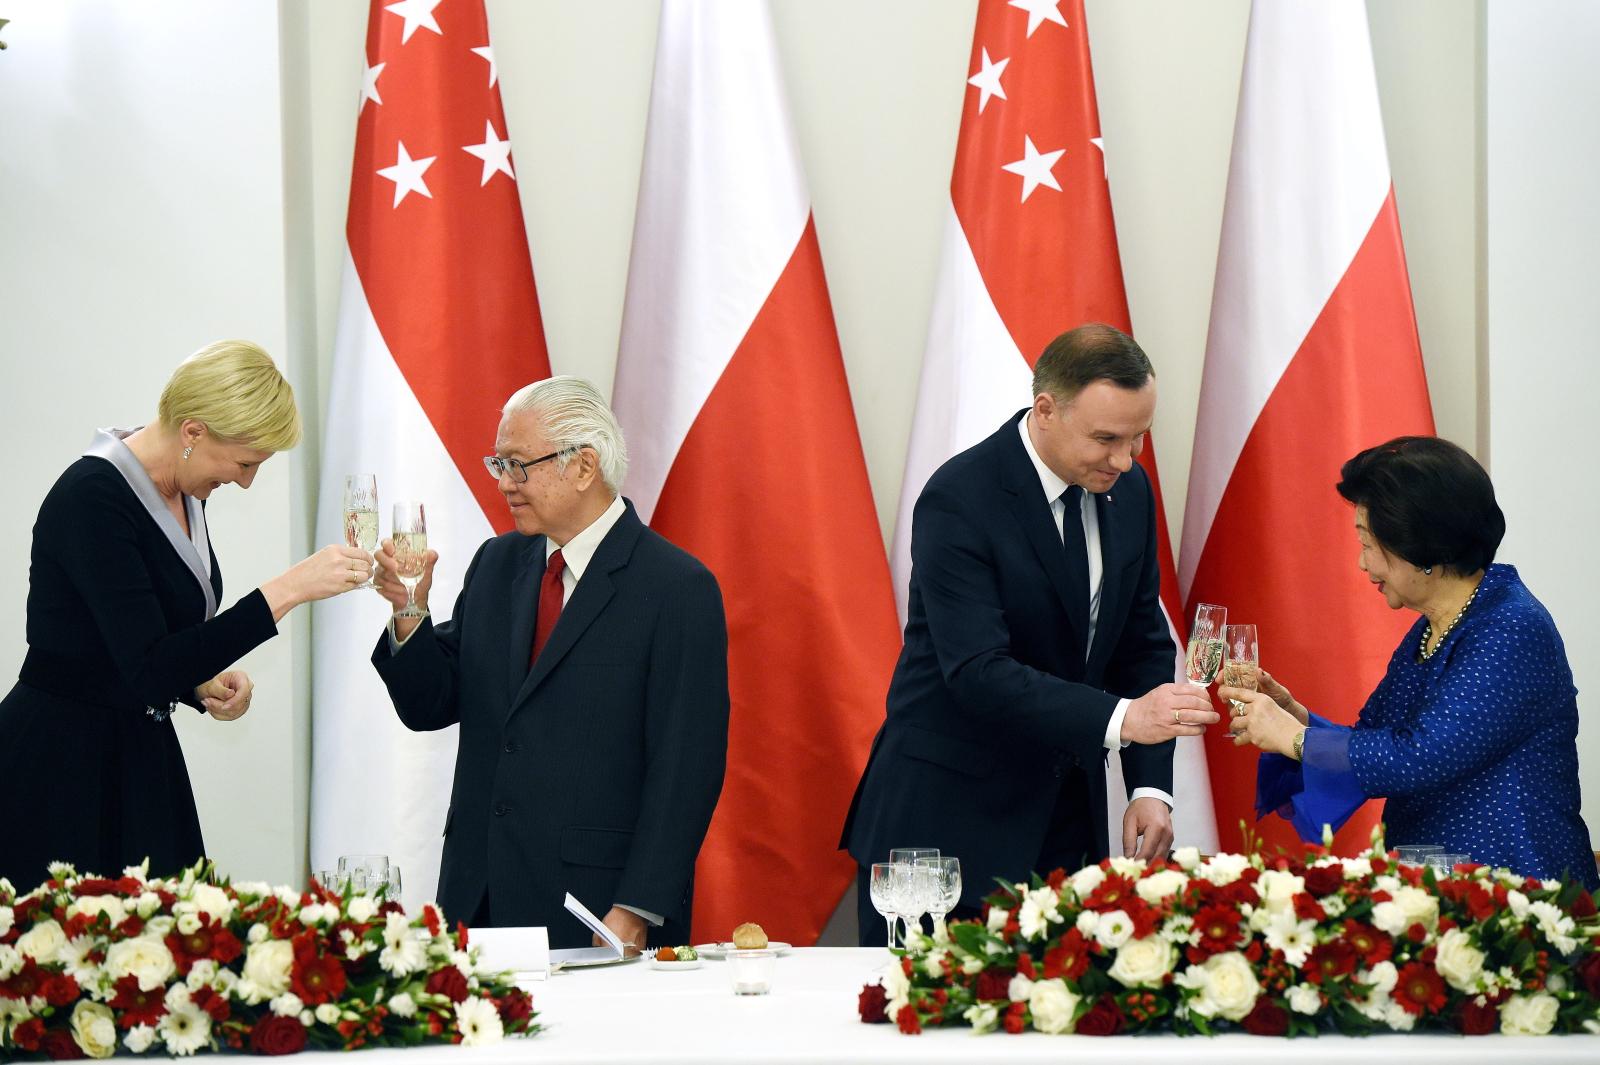 Prezydent Andrzej Duda z małżonką Agatą Kornhauser-Dudą oraz prezydent Singapuru Tony Tan Keng Yam z małżonką Mary Chee Bee Kiang podczas oficjalnego obiadu wydanego na cześć singapurskiej pary prezydenckiej w Pałacu Prezydenckim w Warszawie.